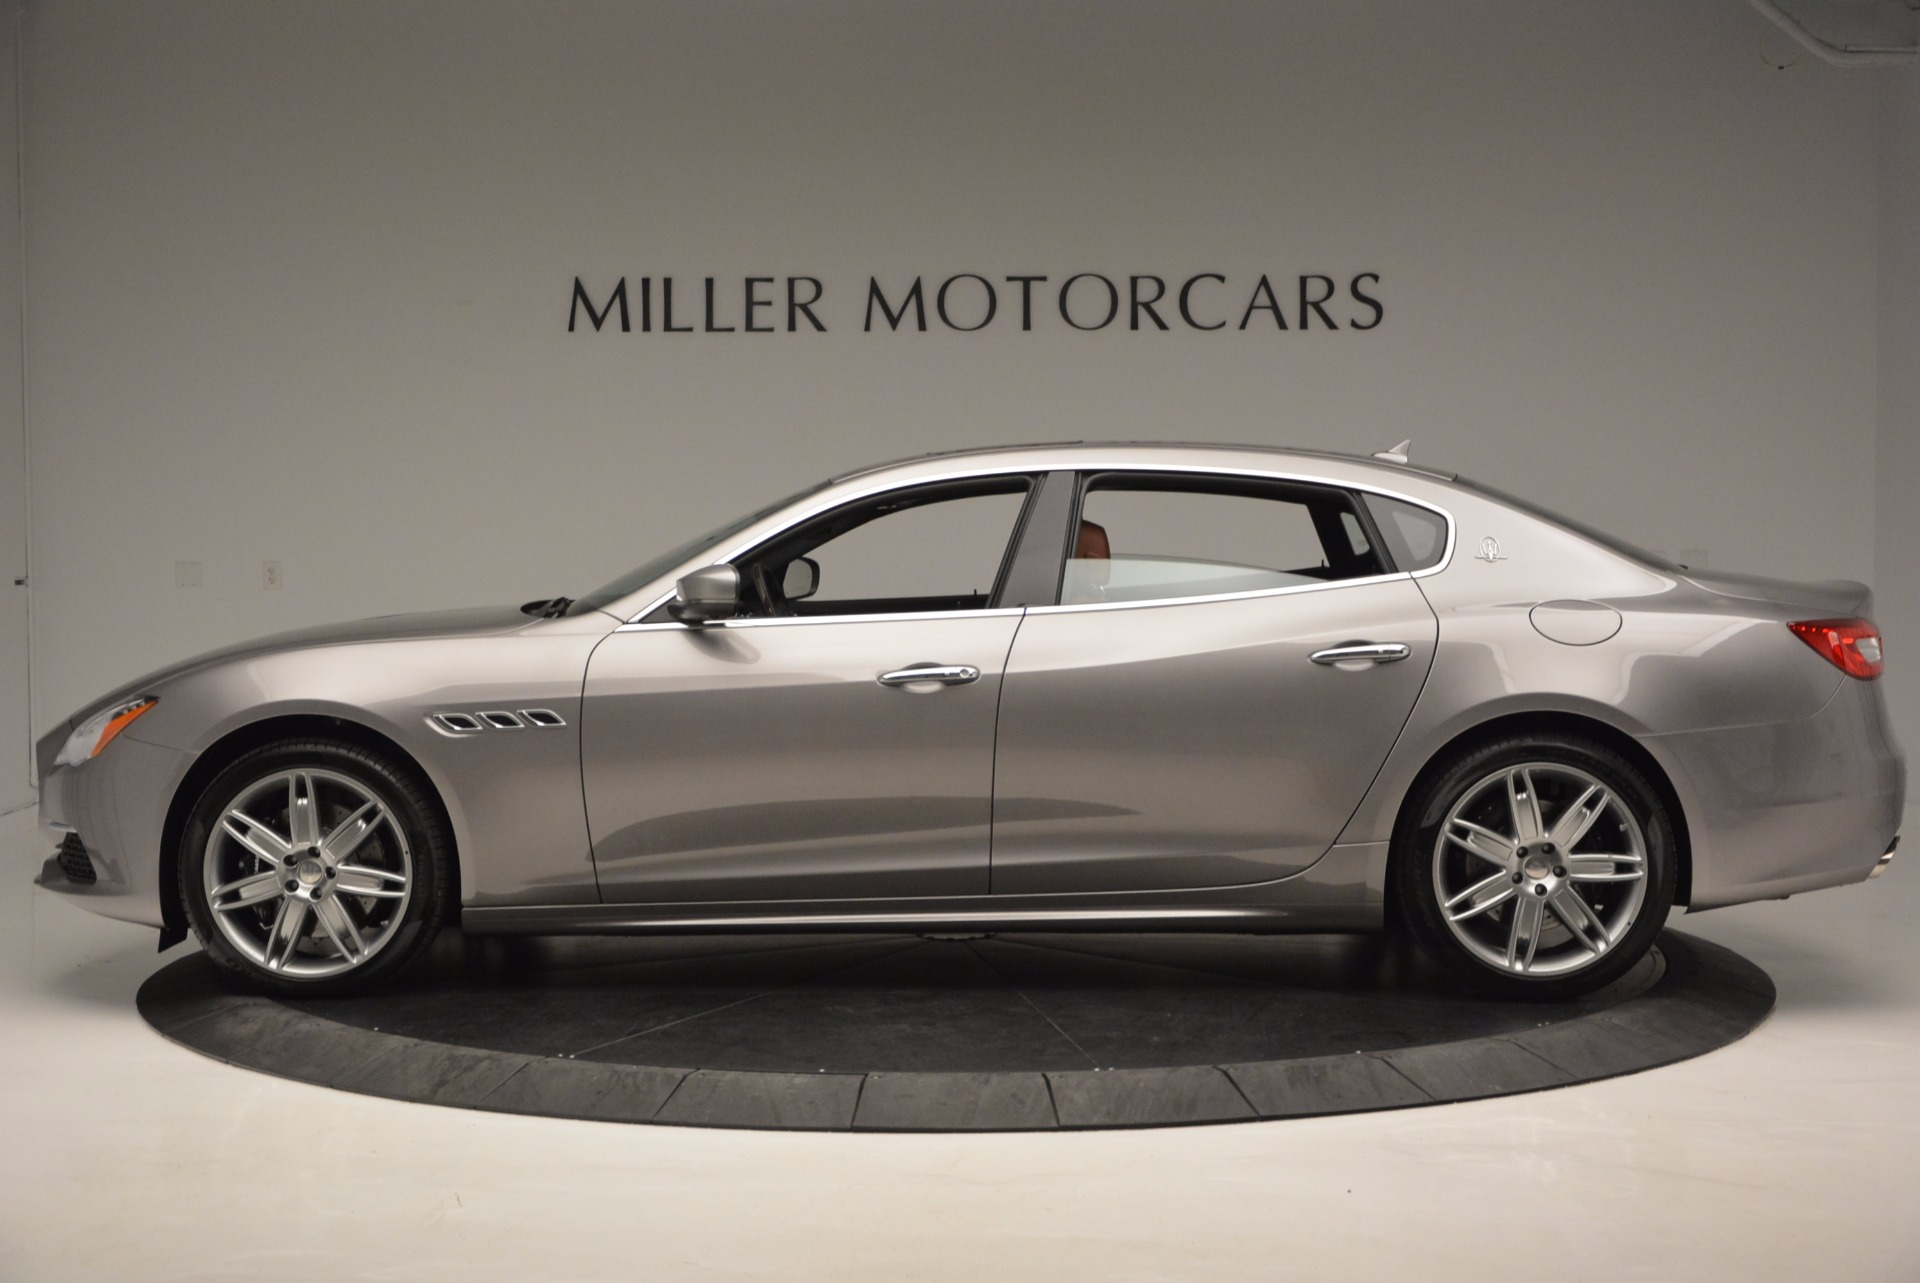 New 2017 Maserati Quattroporte S Q4 GranLusso For Sale In Greenwich, CT 1422_p3